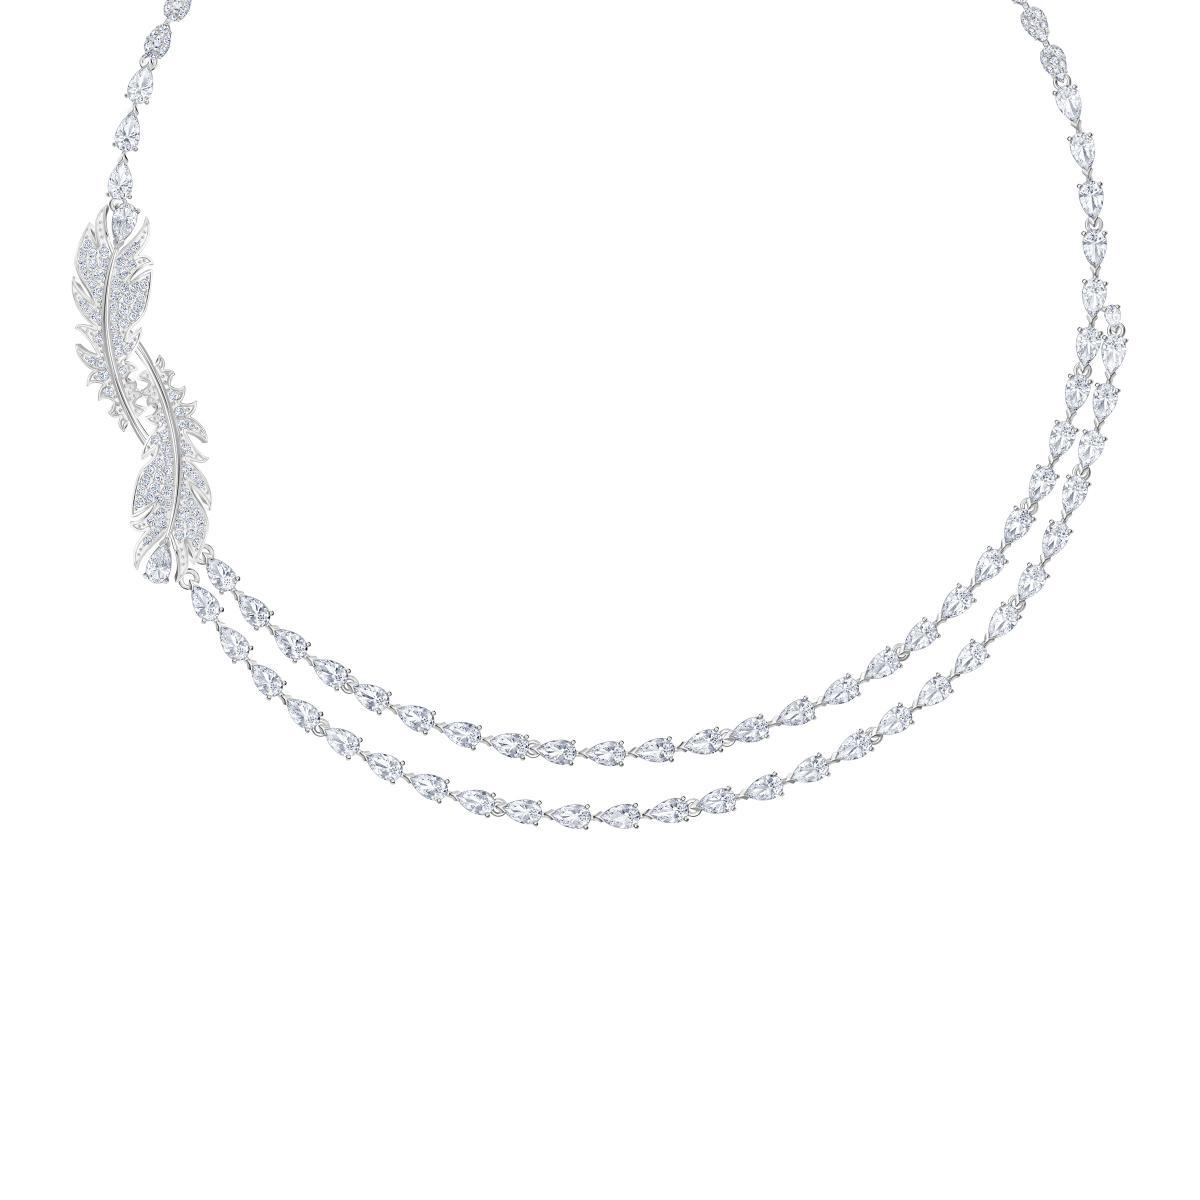 Collier et pendentif Swarovski 5493404 Femme